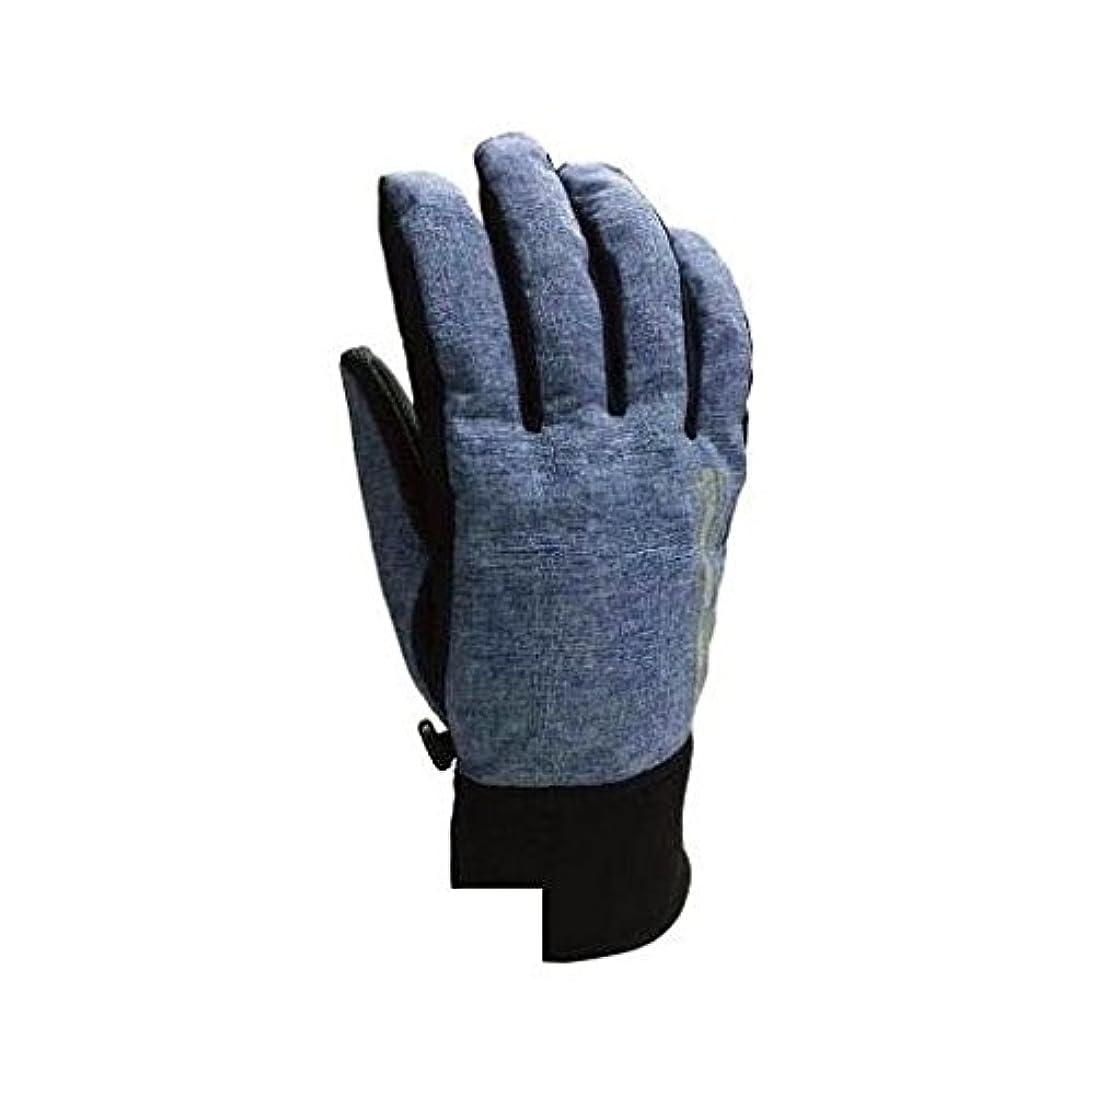 私たち自身絶え間ない謙虚なEL04050 防寒テクニカルウォーム手袋